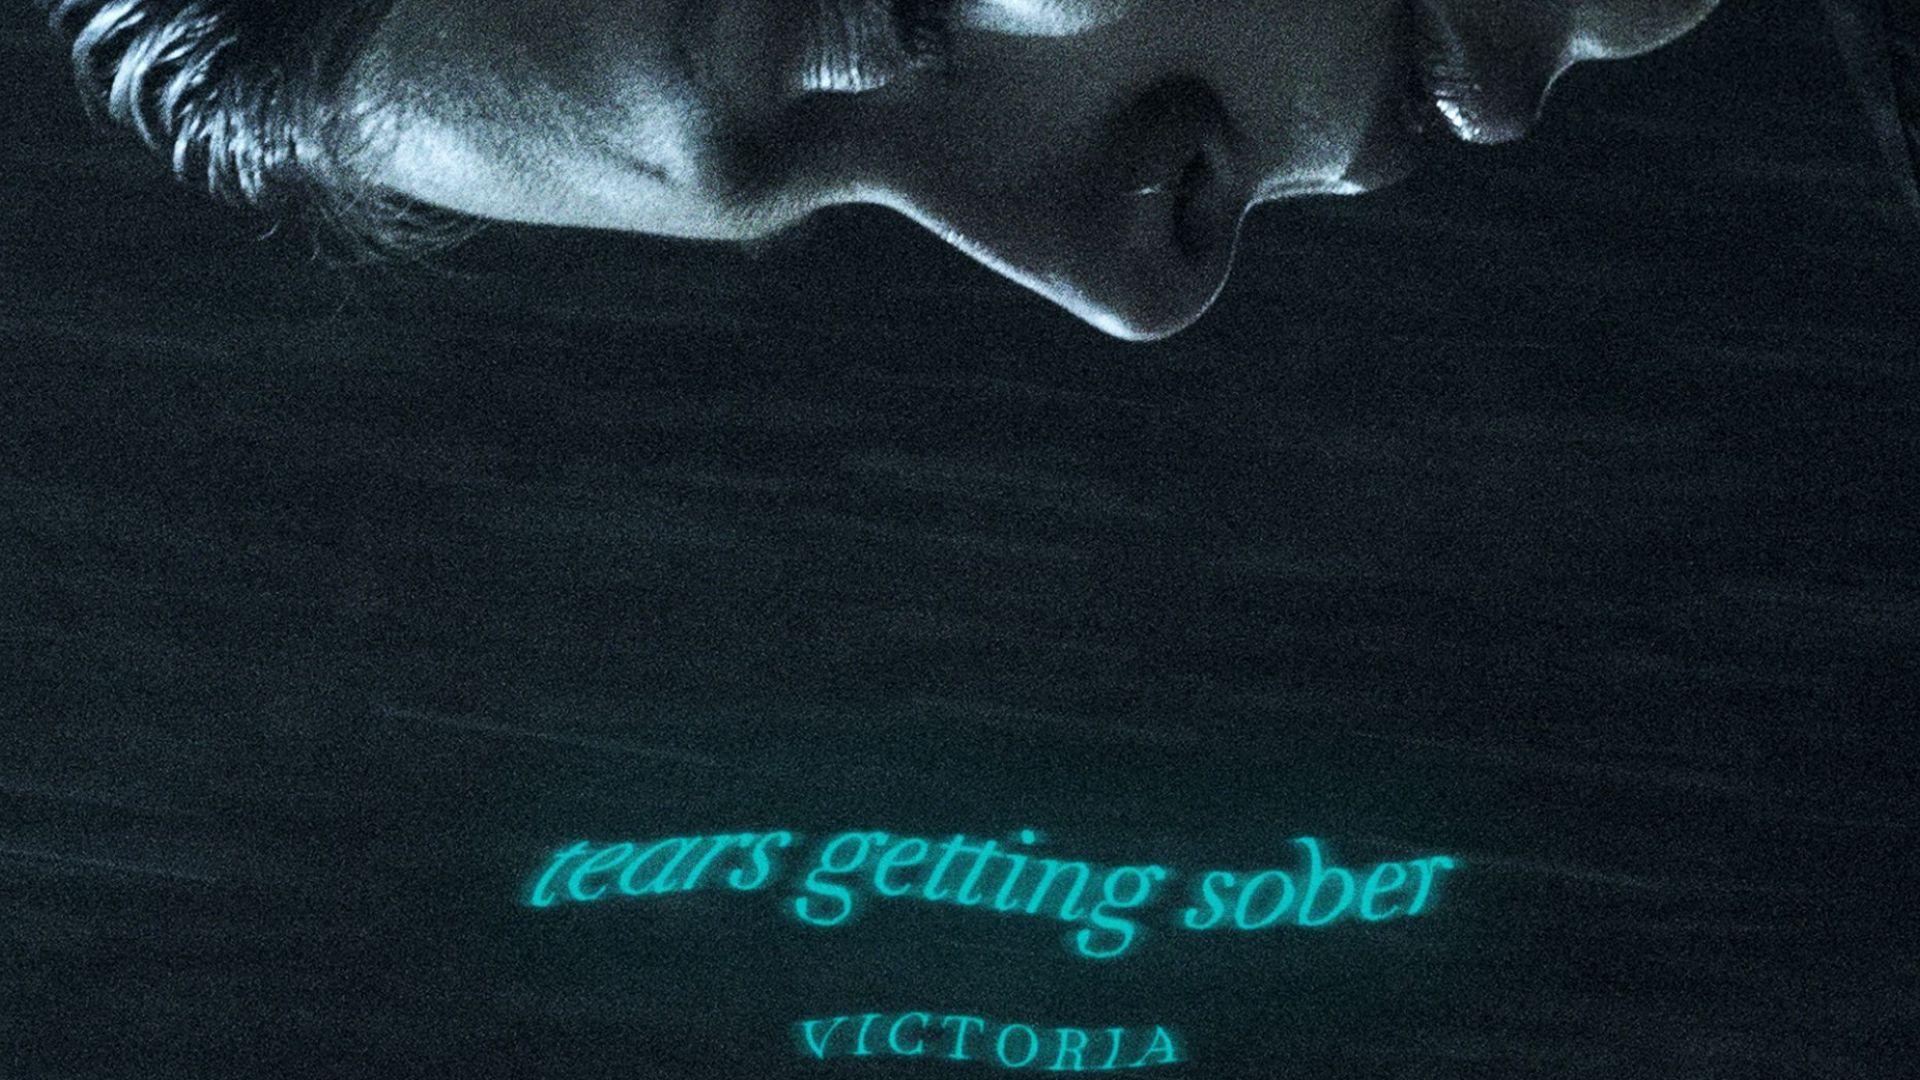 Tears Getting Sober е българската песен на Евровизия 2020 в Ротердам